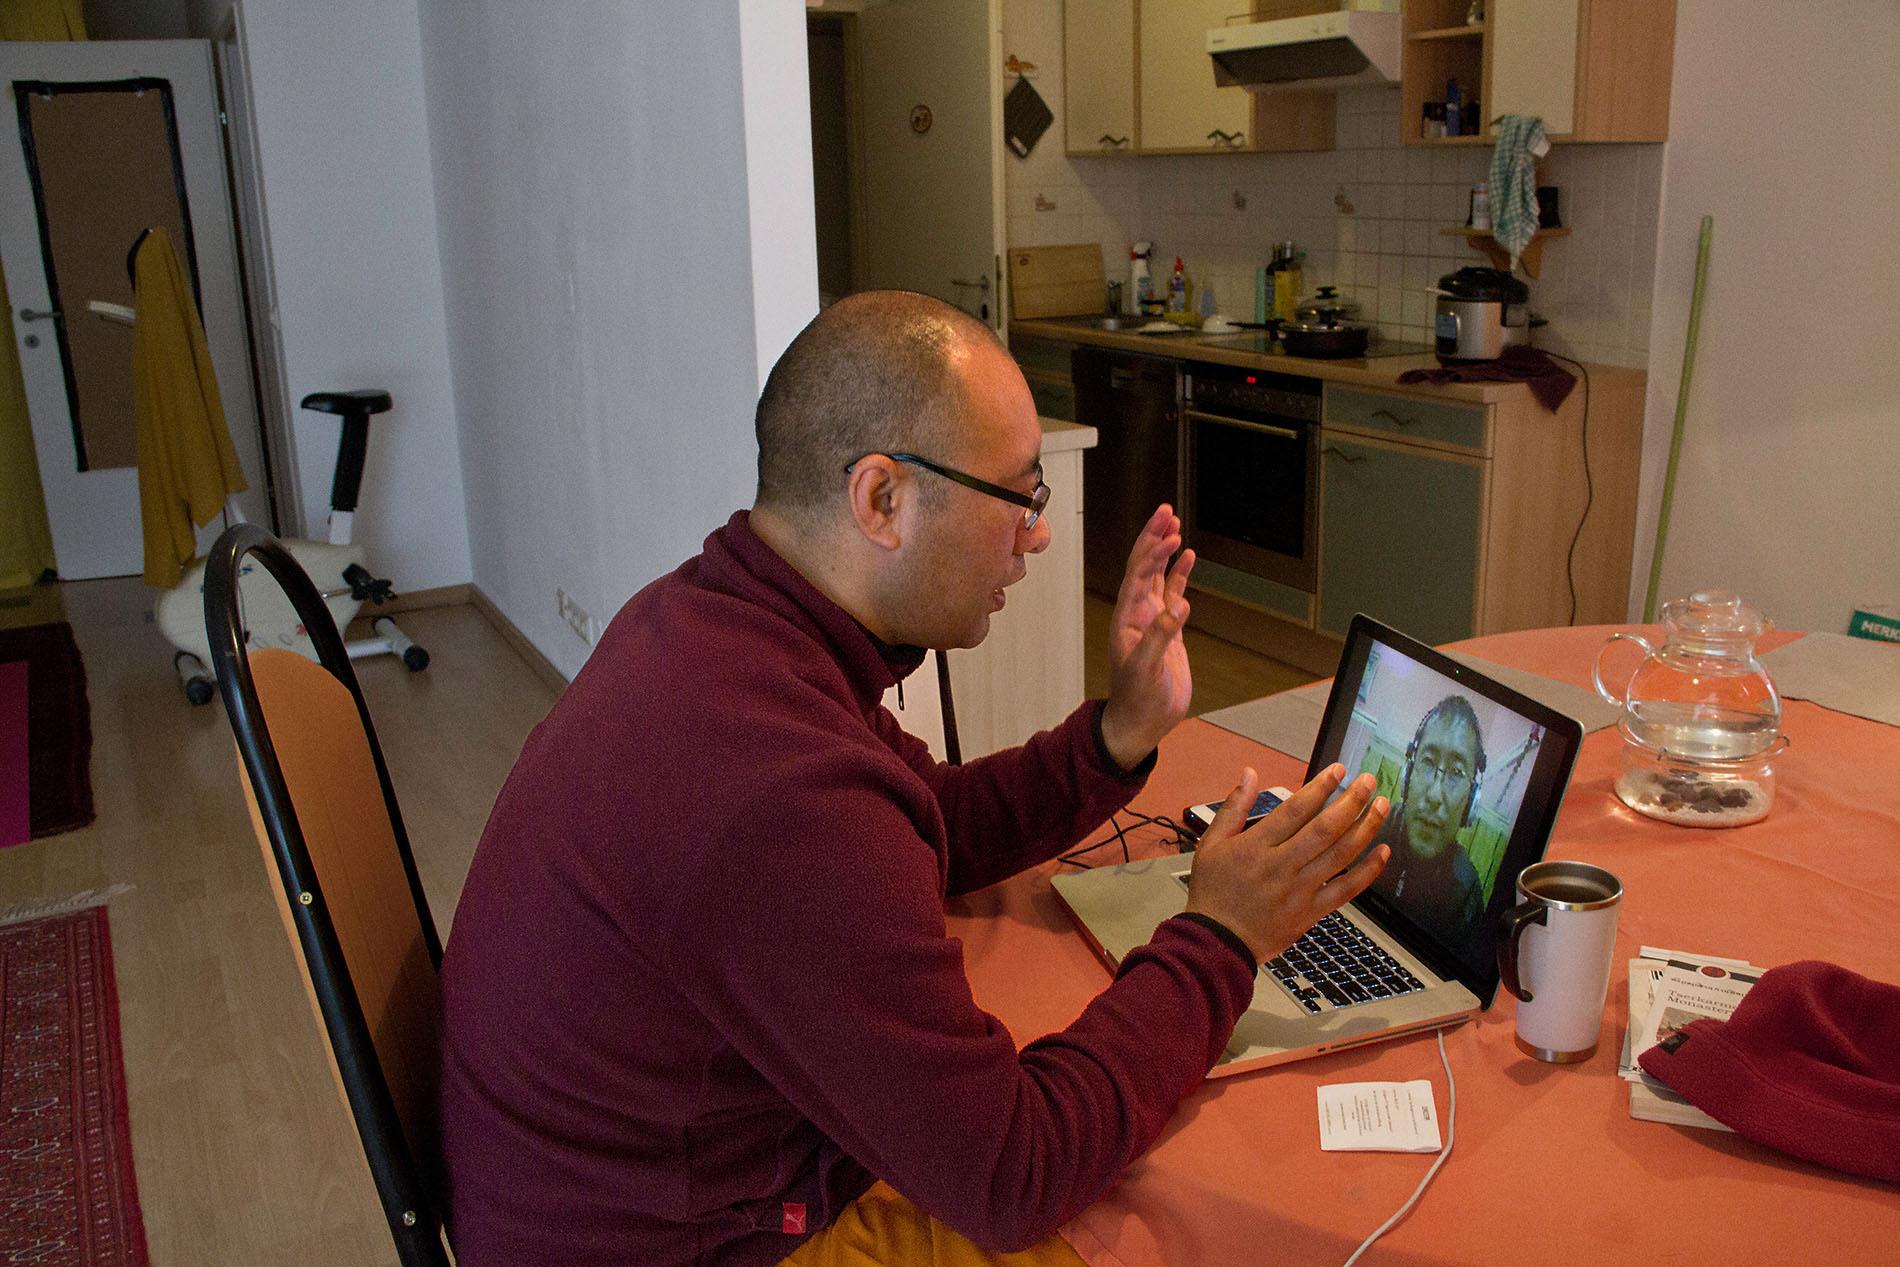 Mönch beim Skypen mit seinem Bruder in Indien